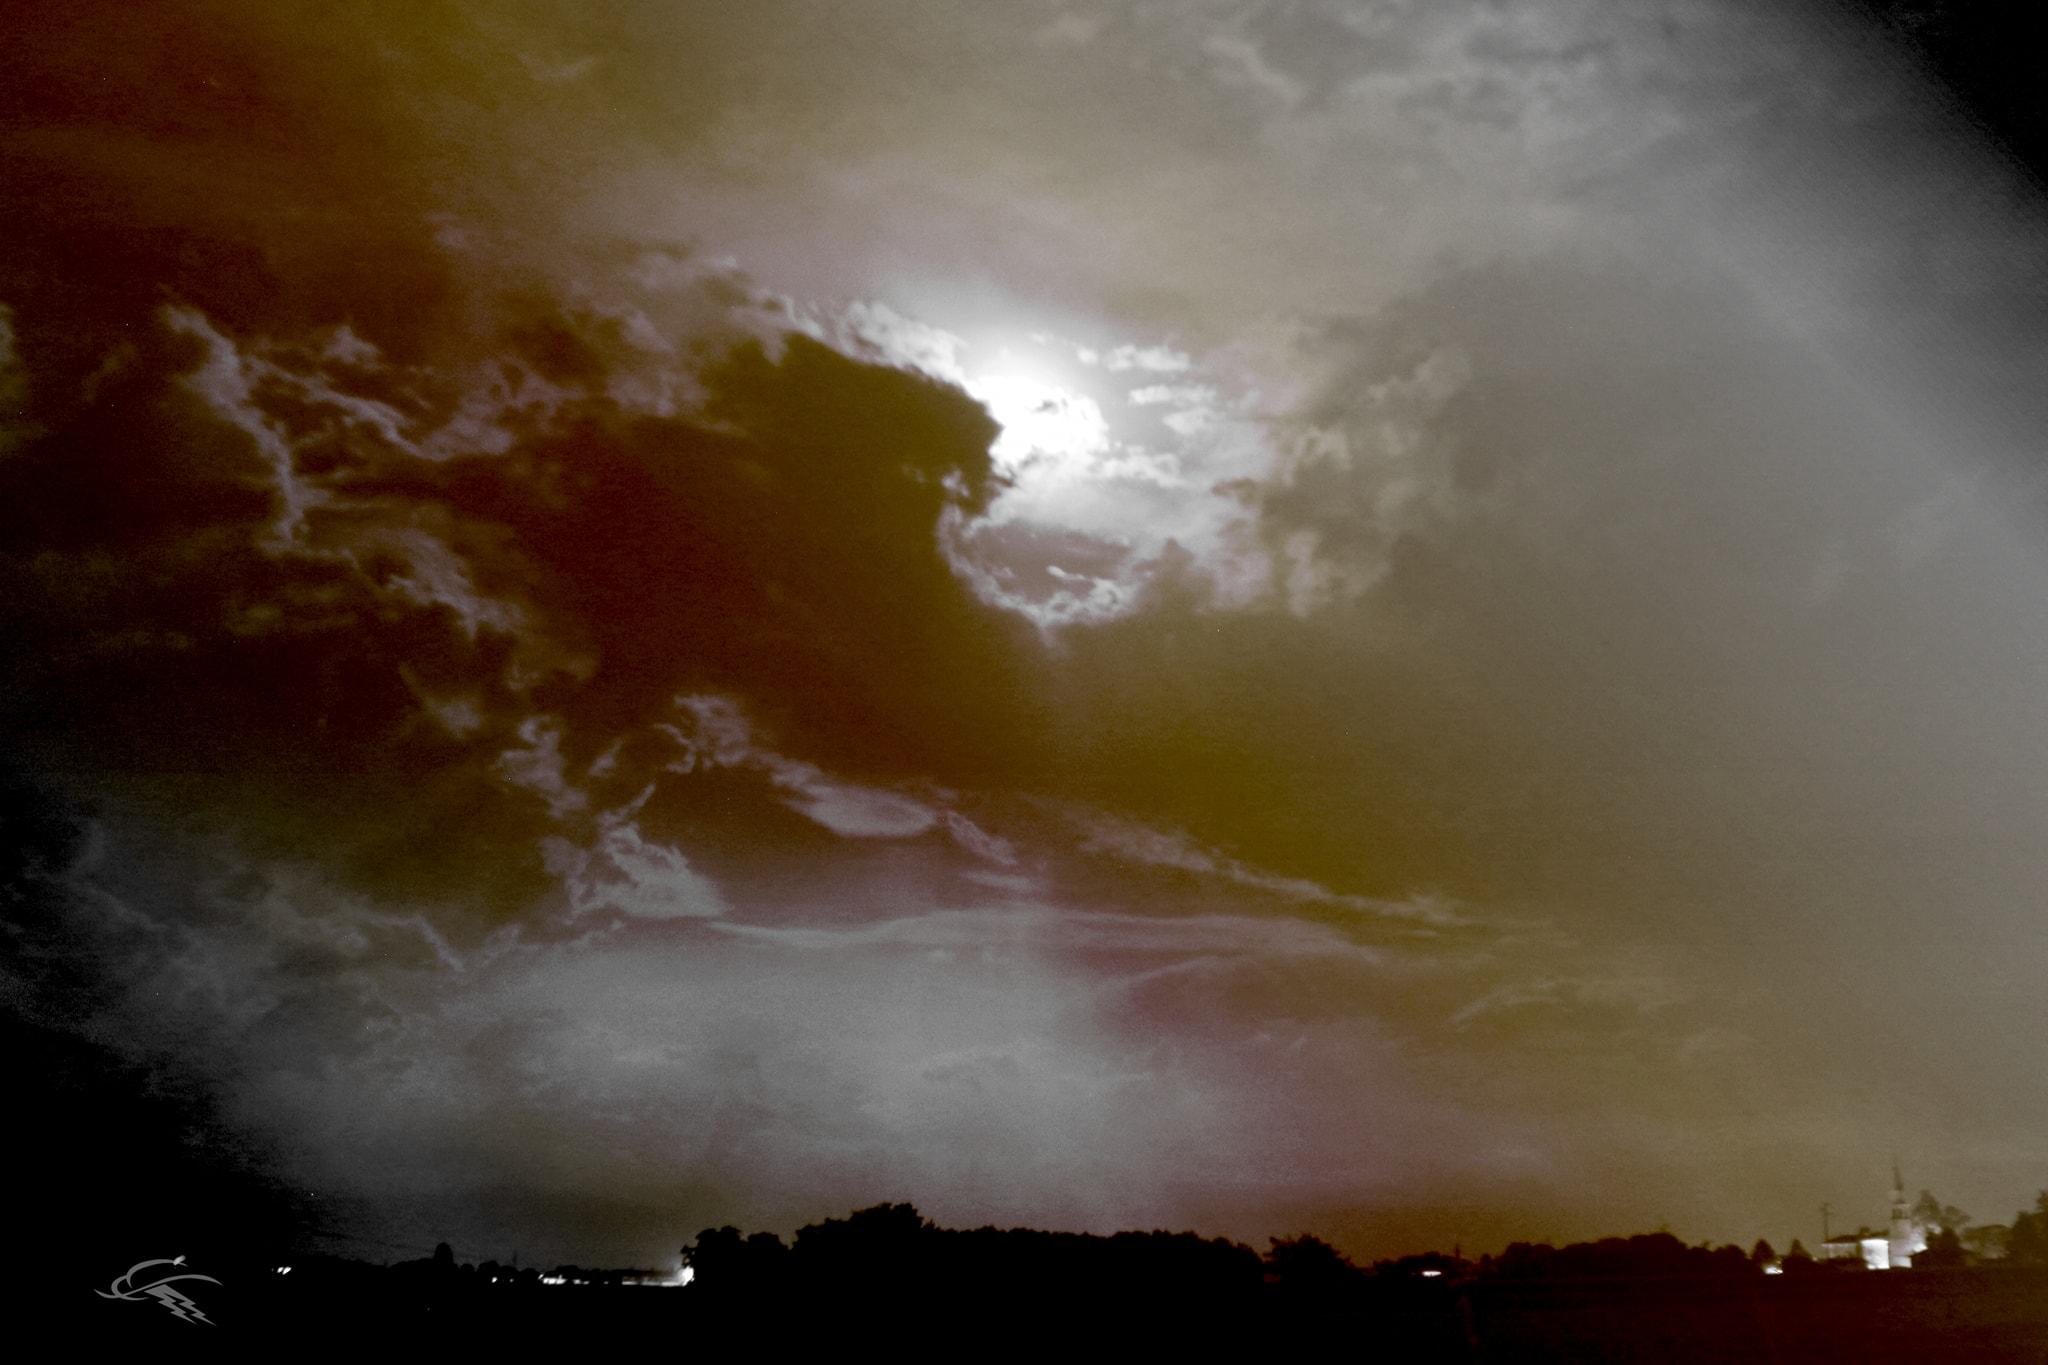 Immagine per Meteo variabile sul Goriziano, prevista ancora nuvolosità persistente con clima umido e mite